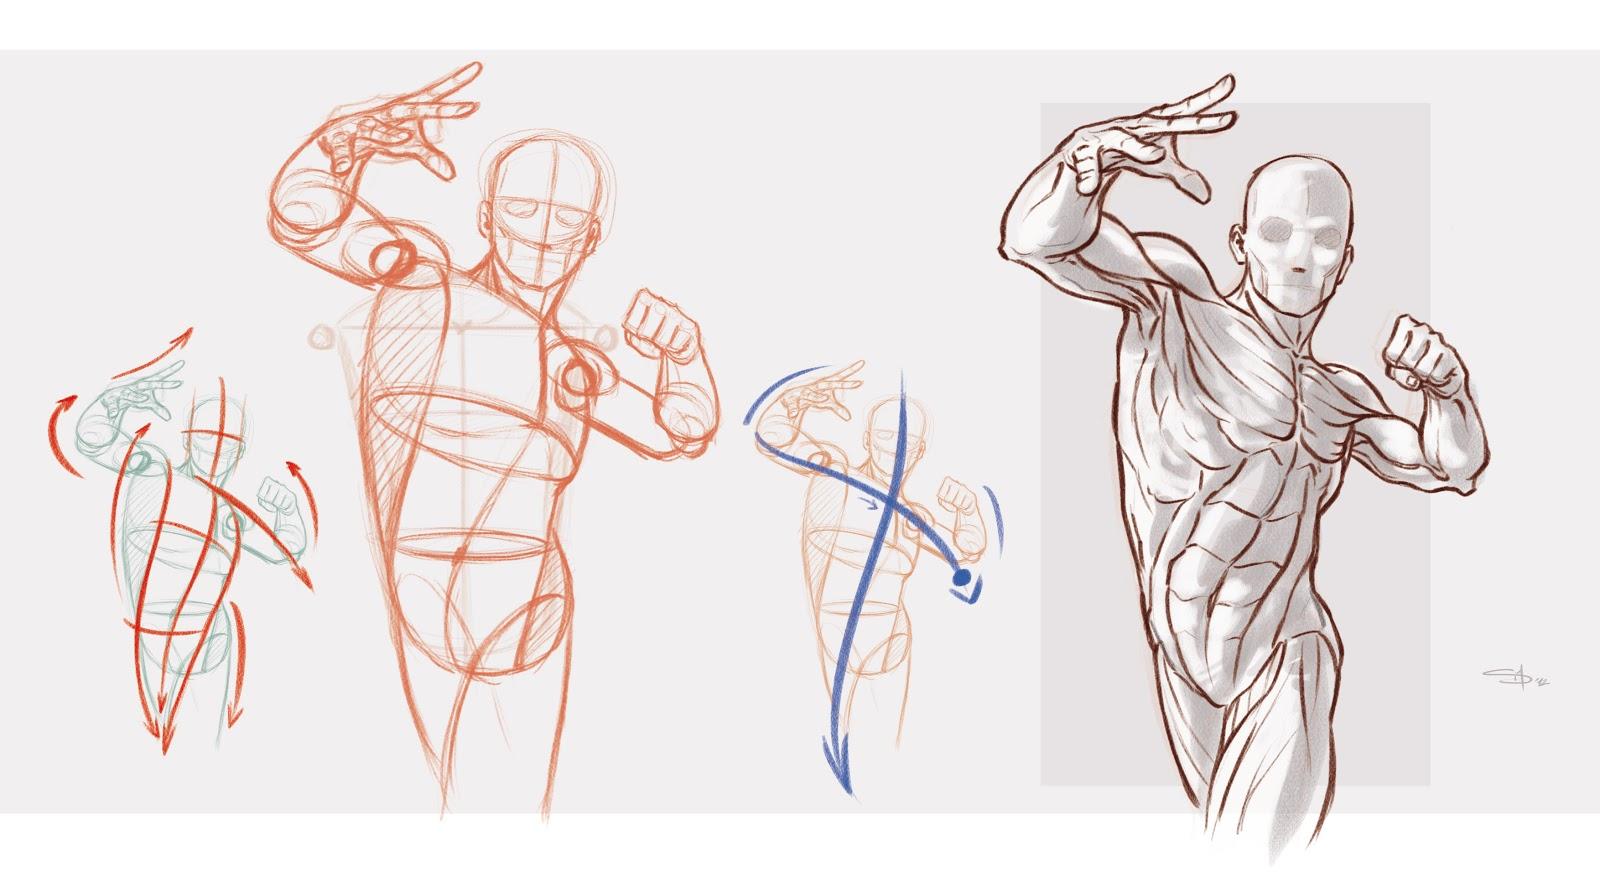 Frame articolazione delle braccia